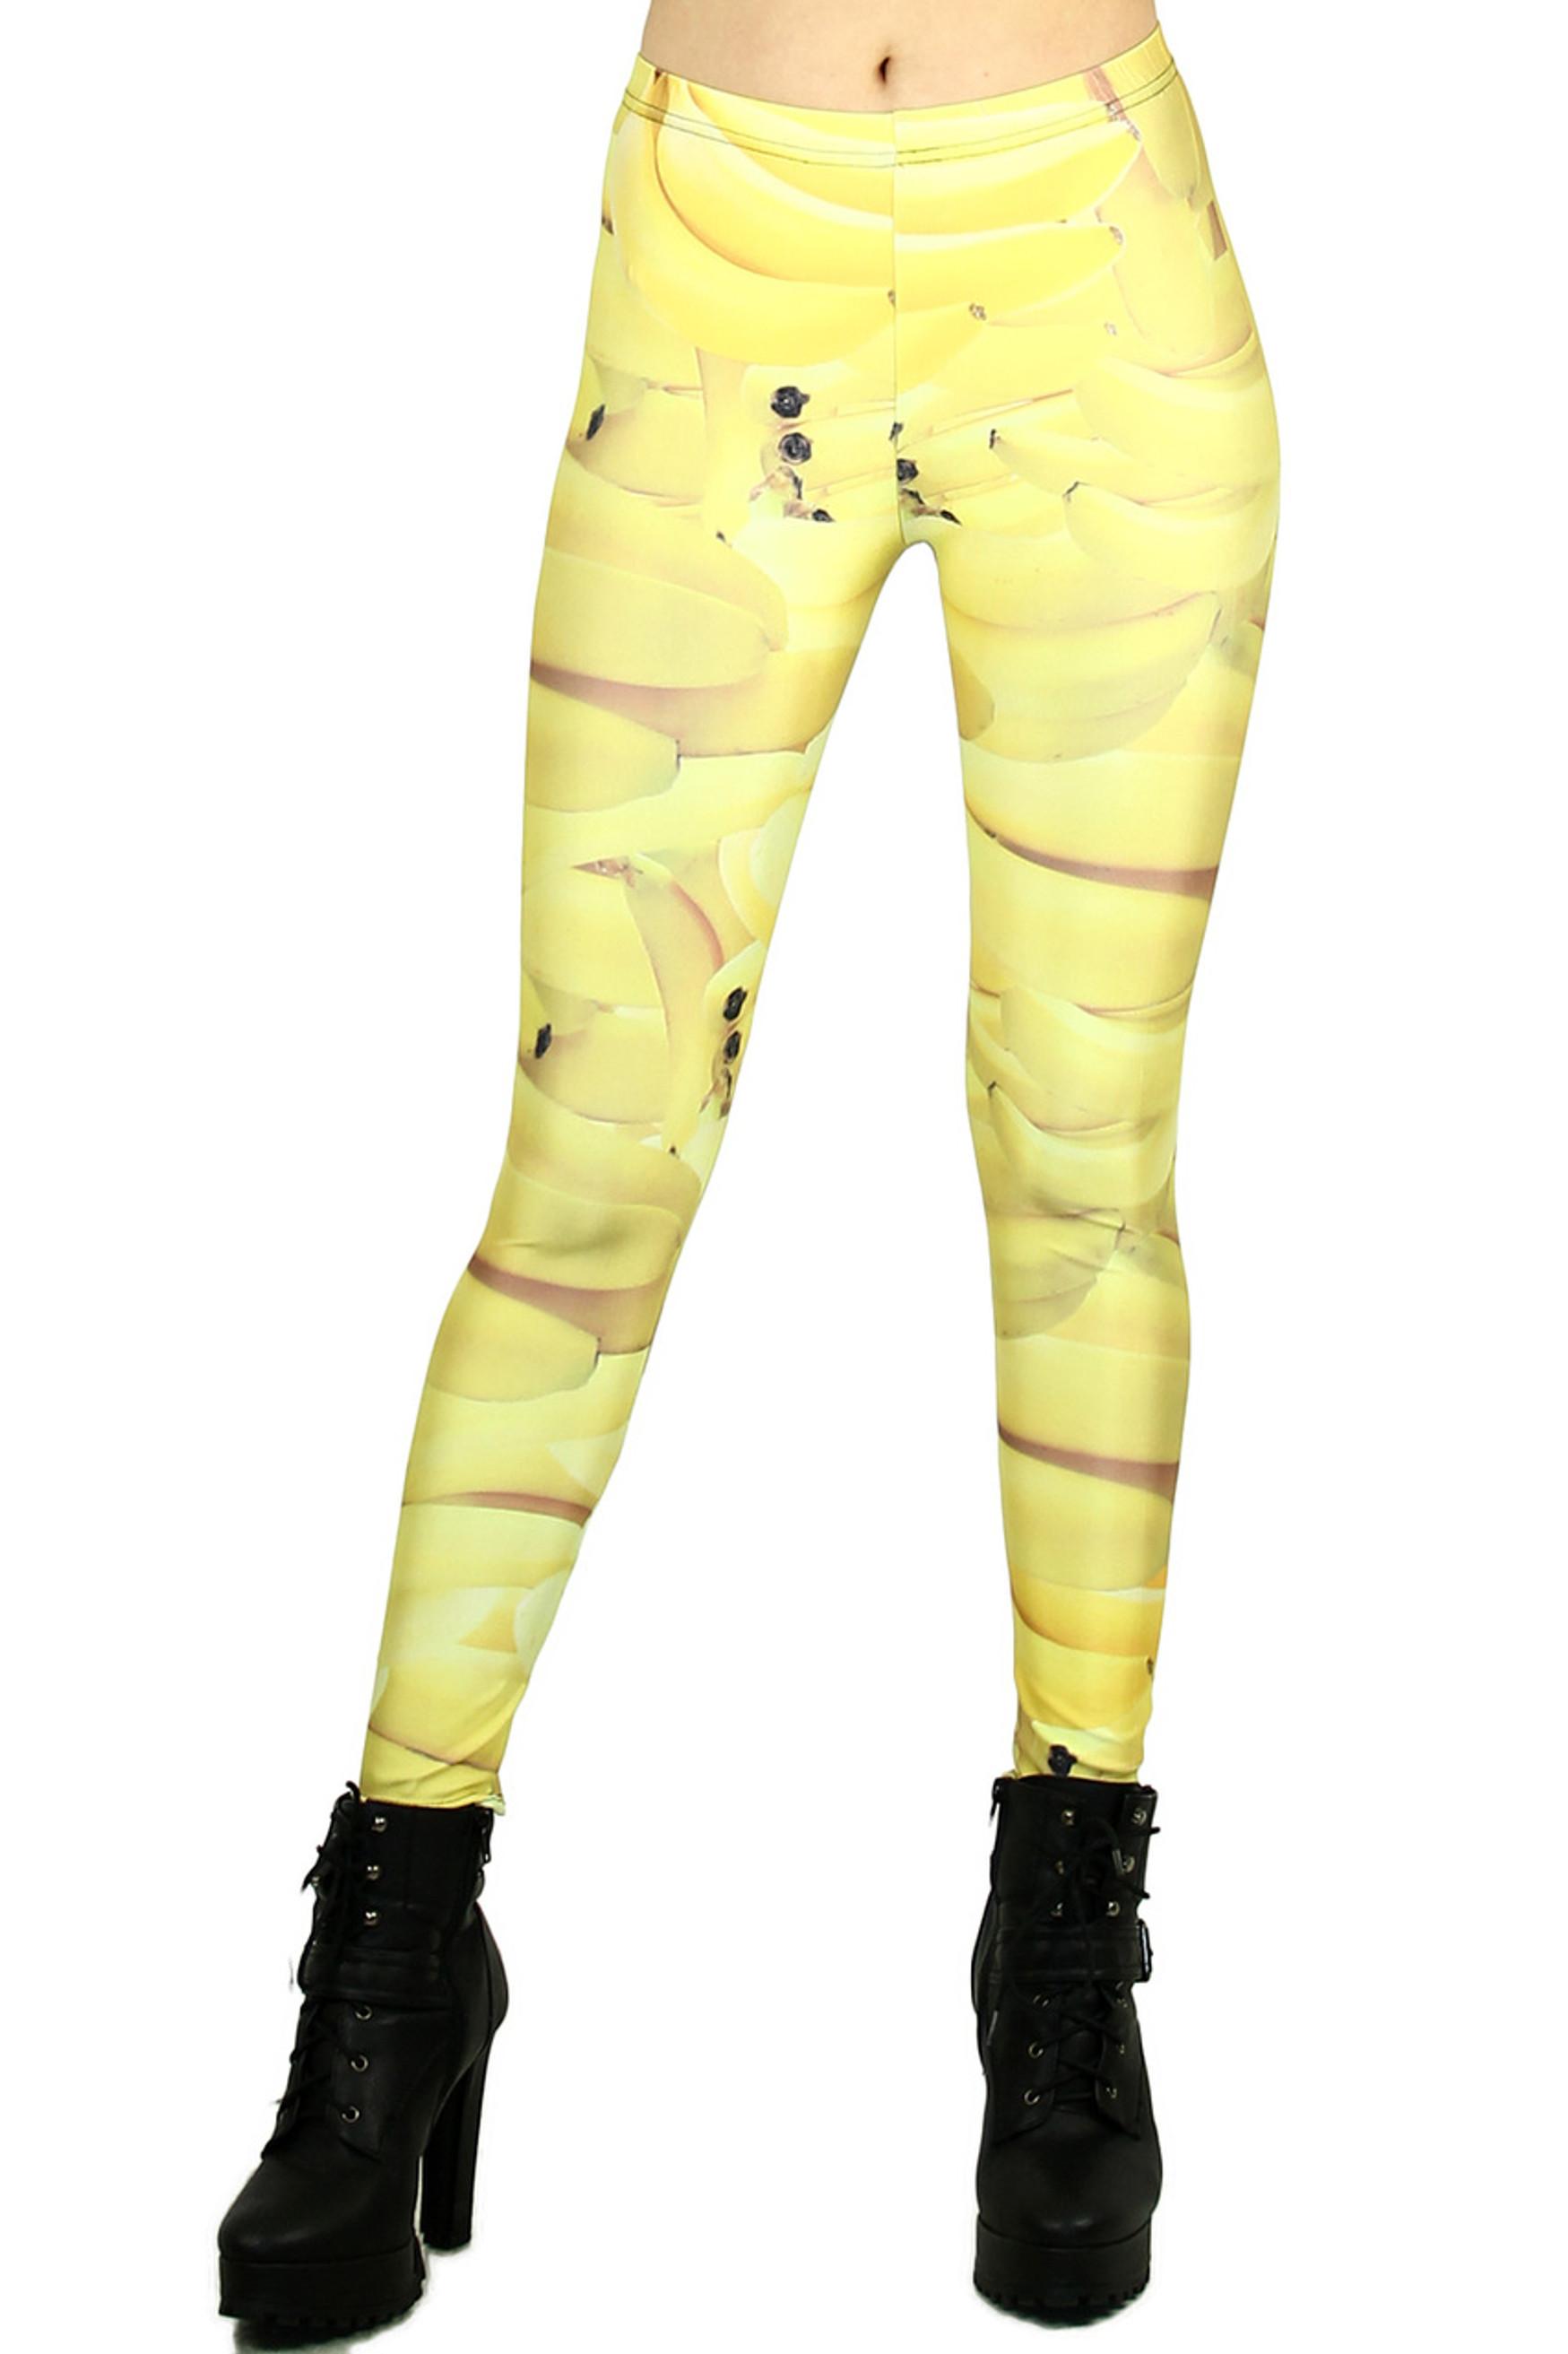 Go Bananas Leggings